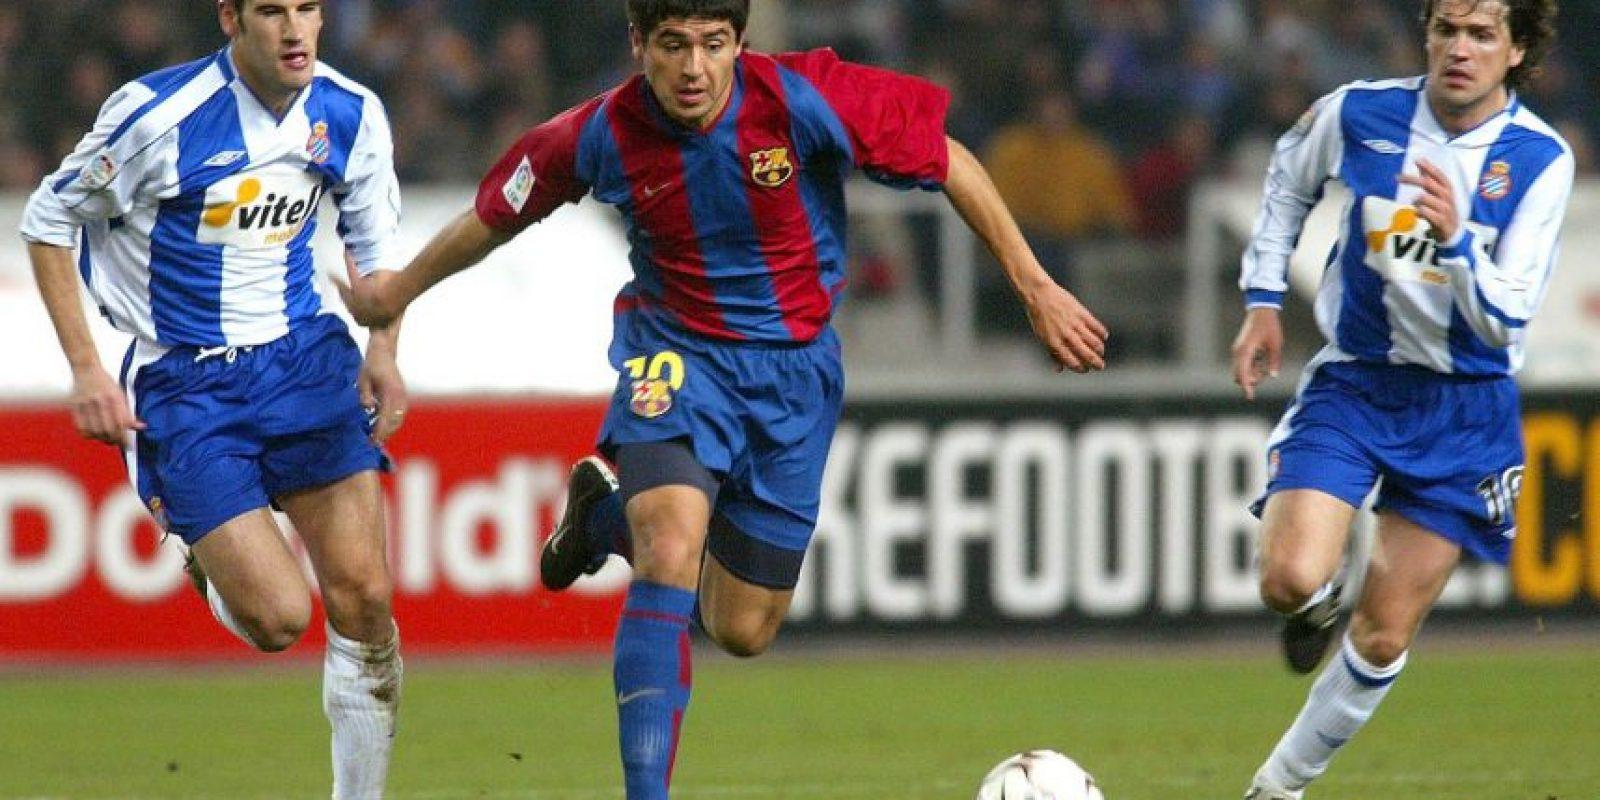 Llegó al Barcelona sin ser pedido por Van Gaal. En un inicio jugó, pero después fue apartado del plantel titular Foto:Getty Images